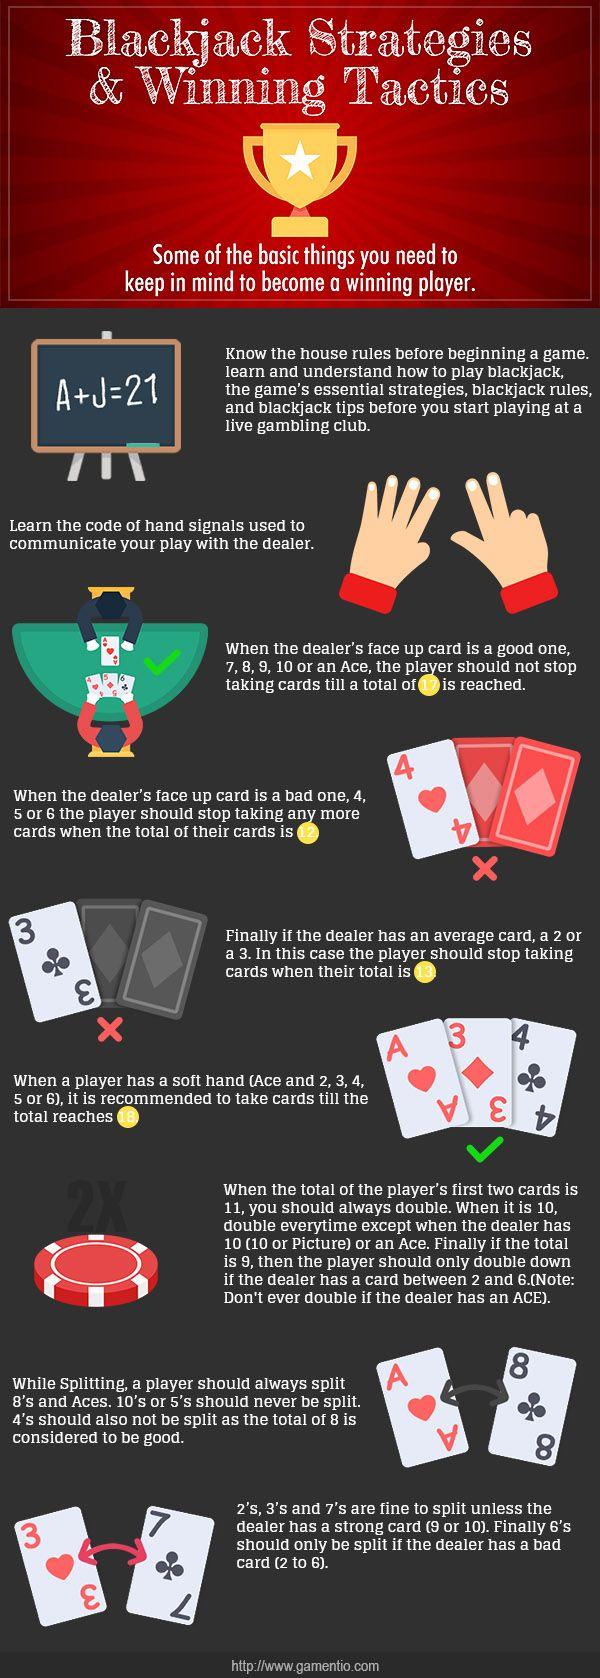 Blackjack Strategies & Winning Tactics